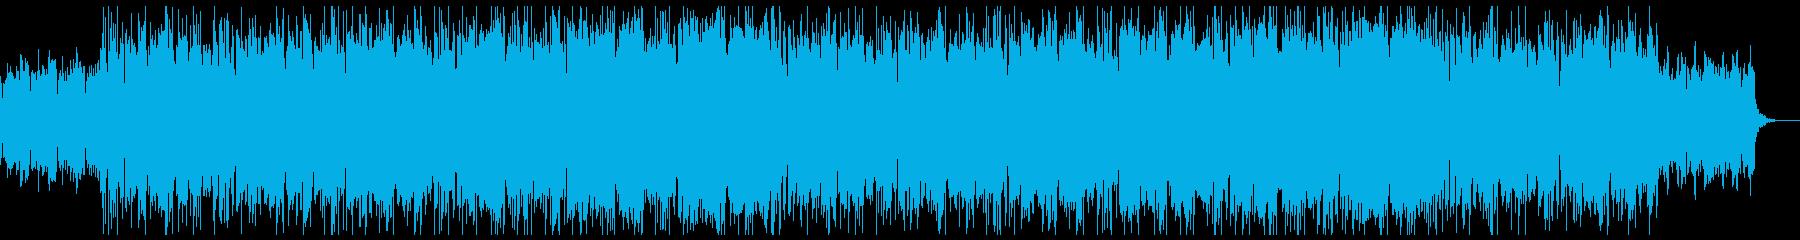 人気のある電子機器 実験的な岩 バ...の再生済みの波形